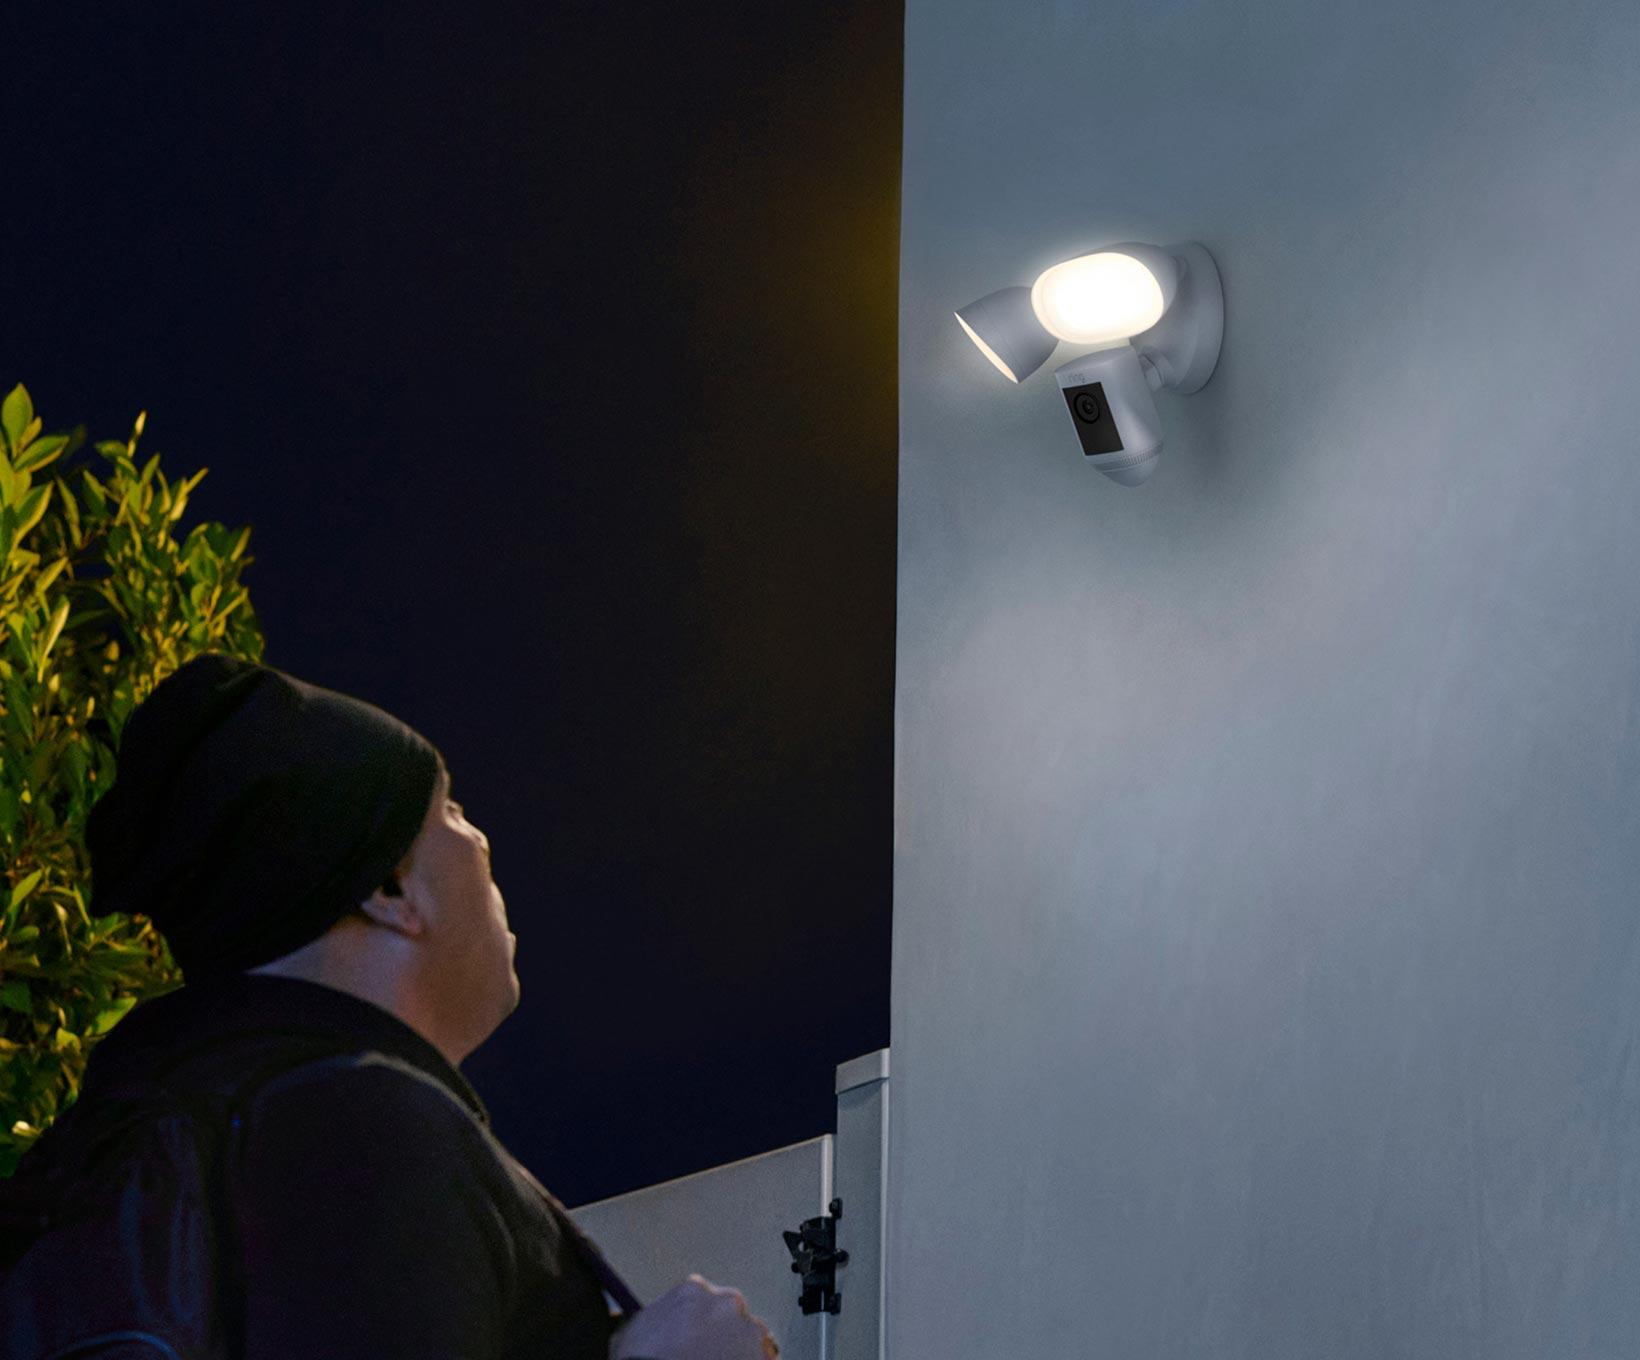 Beveiliging rond je huis met een extra dimensie